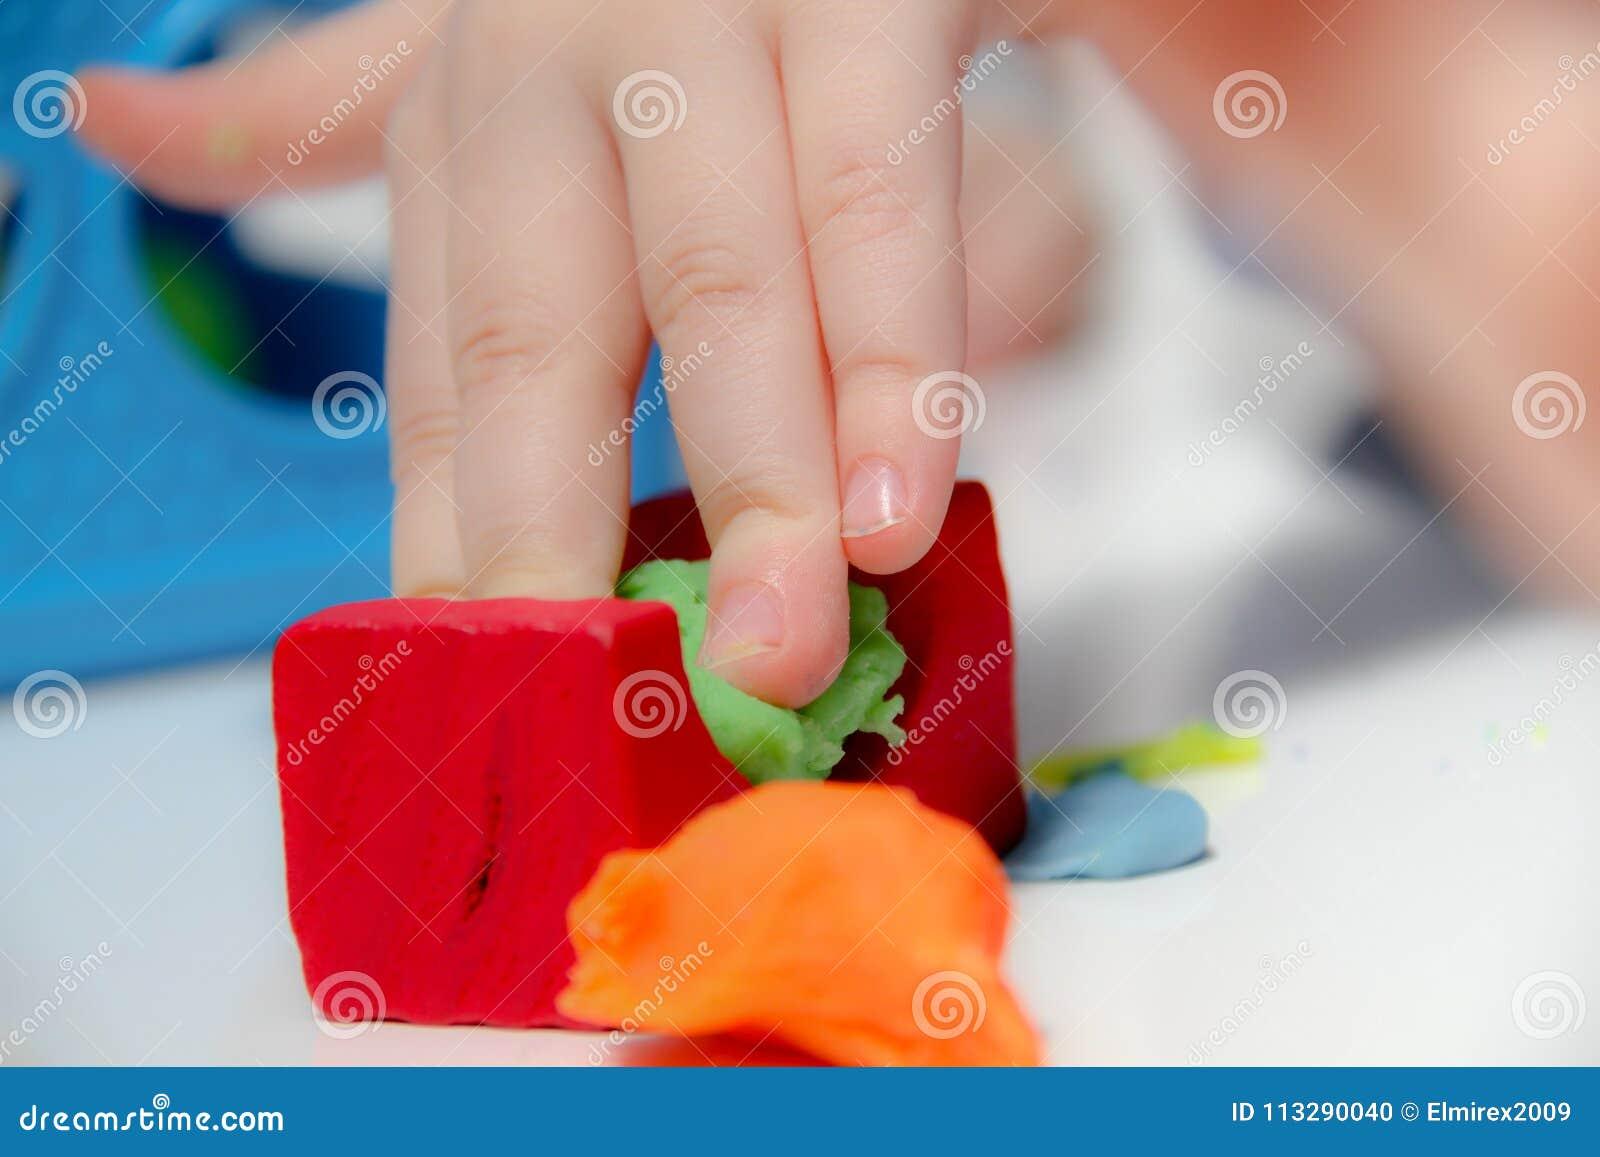 Мальчик 3 года старого сидит на таблице и играх с пластилином и деревянными и пластичными игрушками, кубами и костью